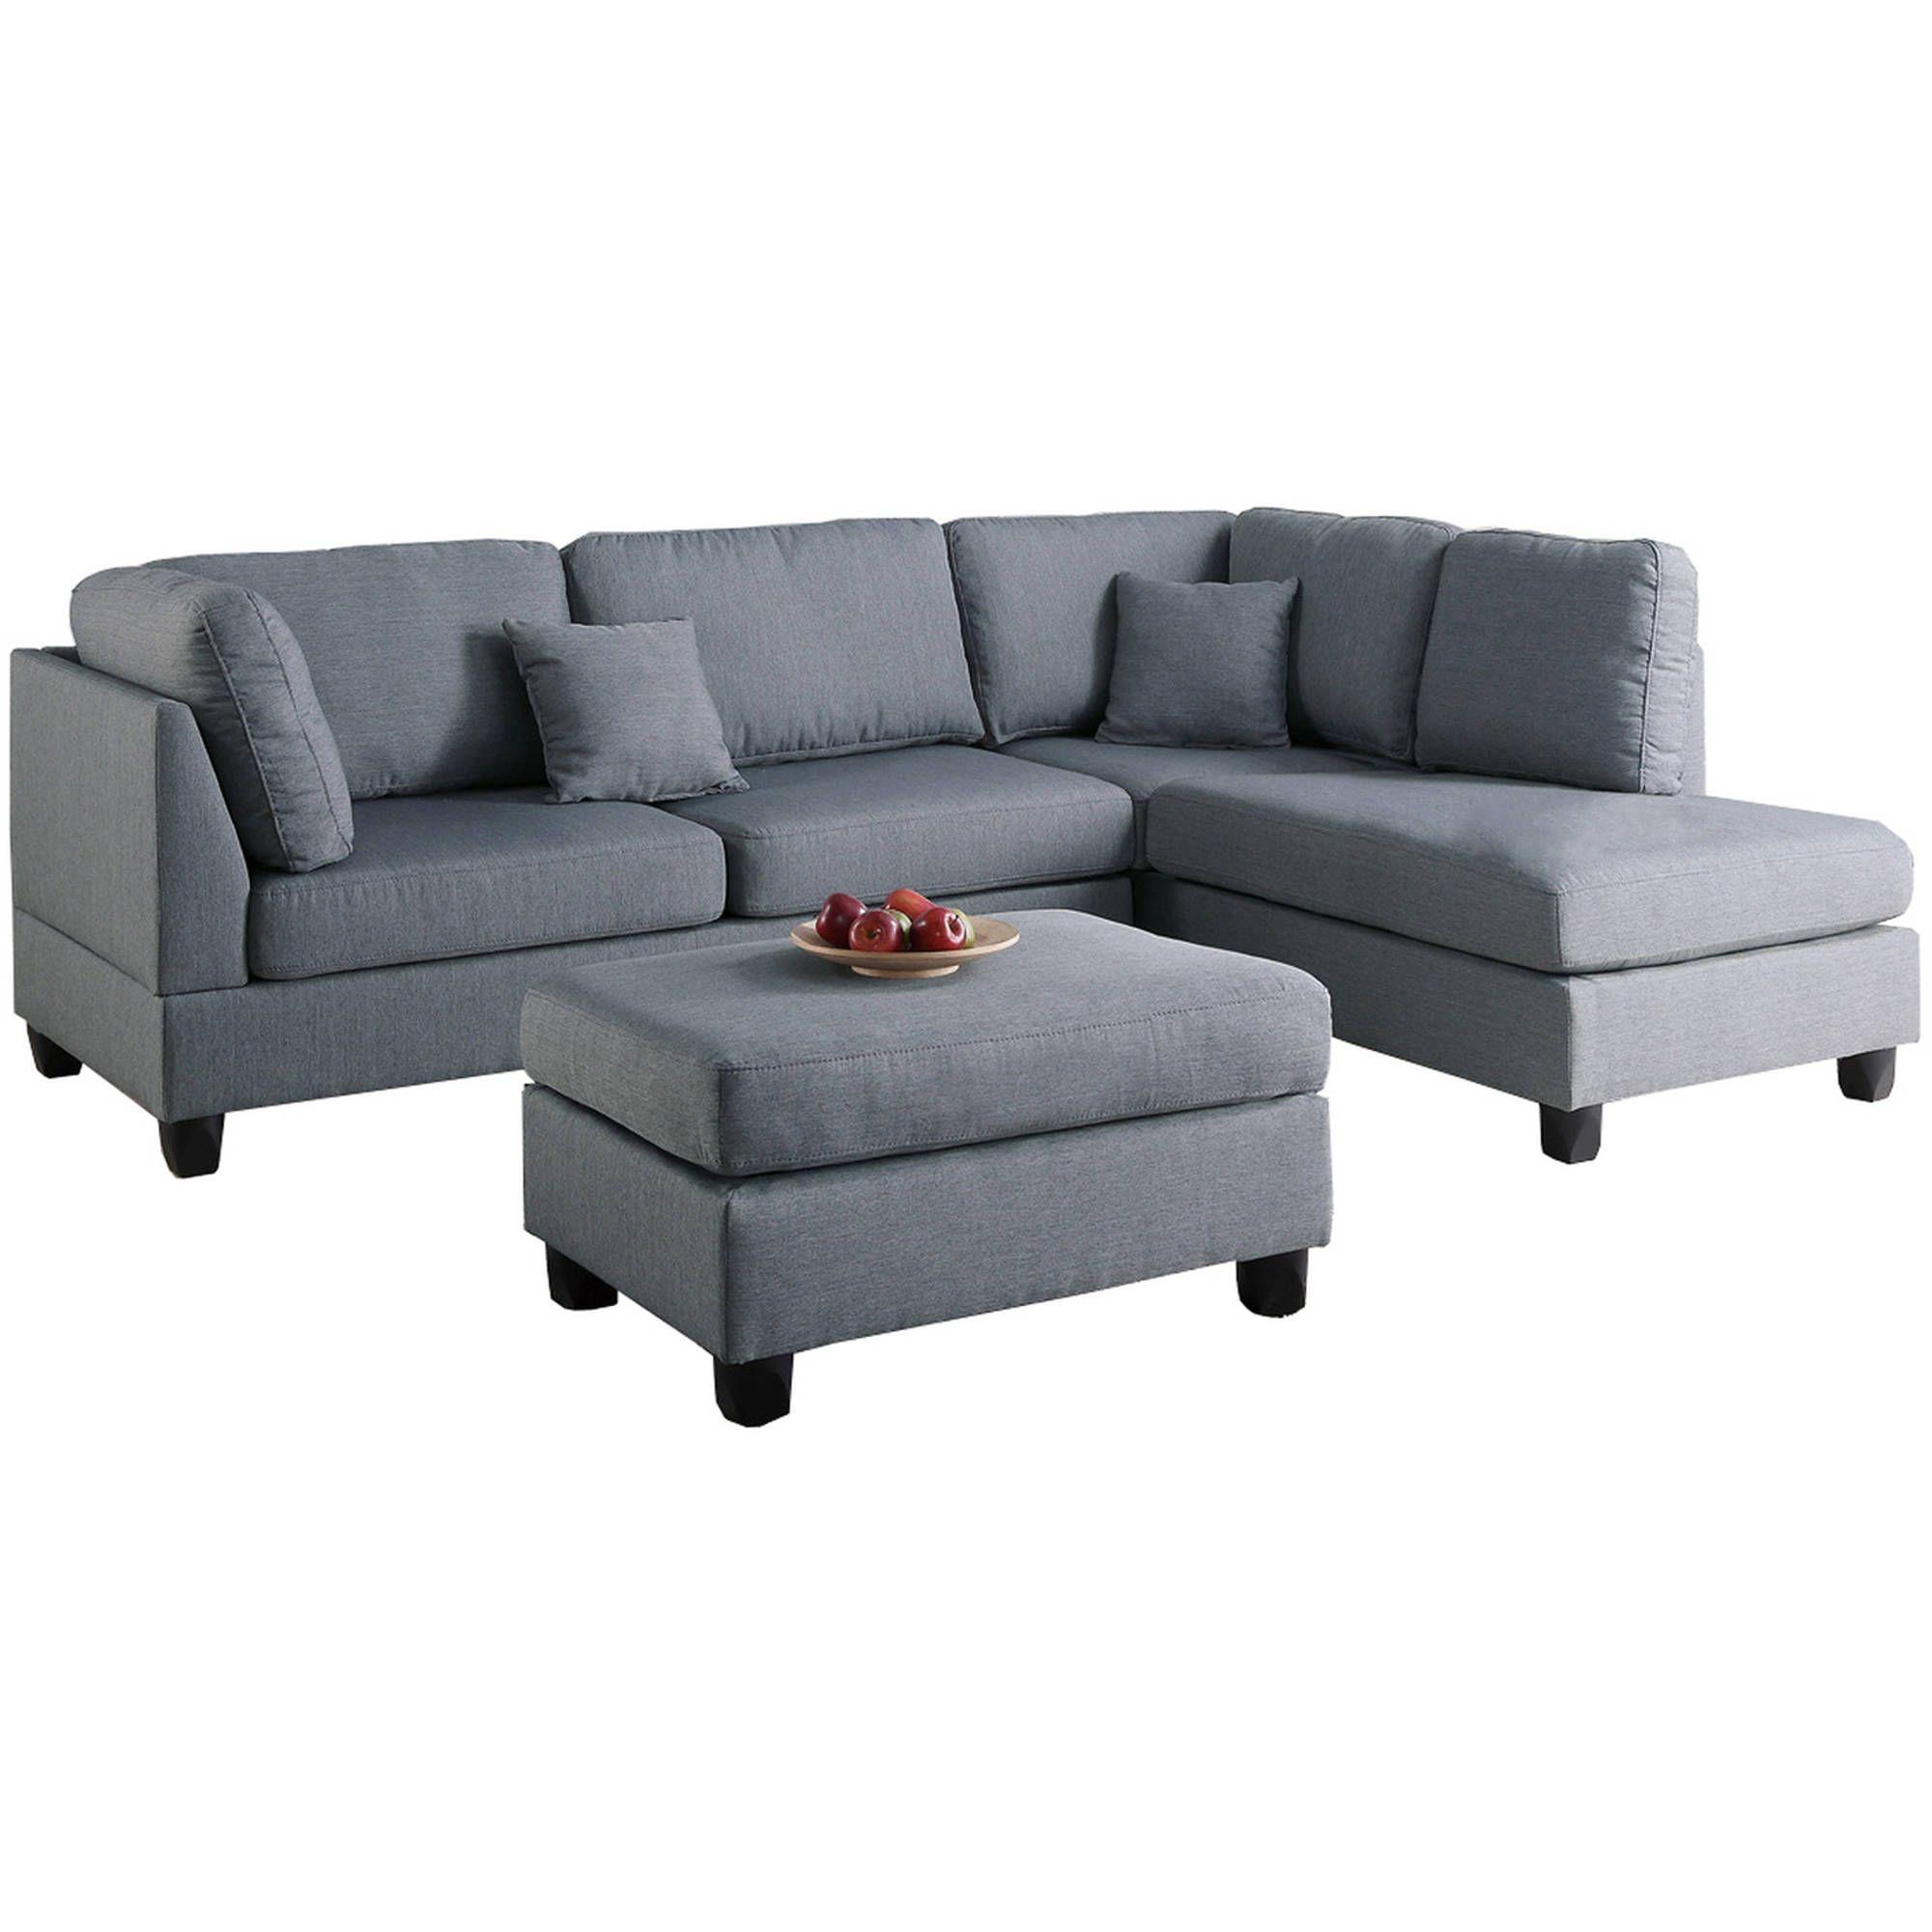 Ansprechend Sofa Billig Foto Von Fabelhaft Sectional Sofas Unter 400 - Schreibtisch